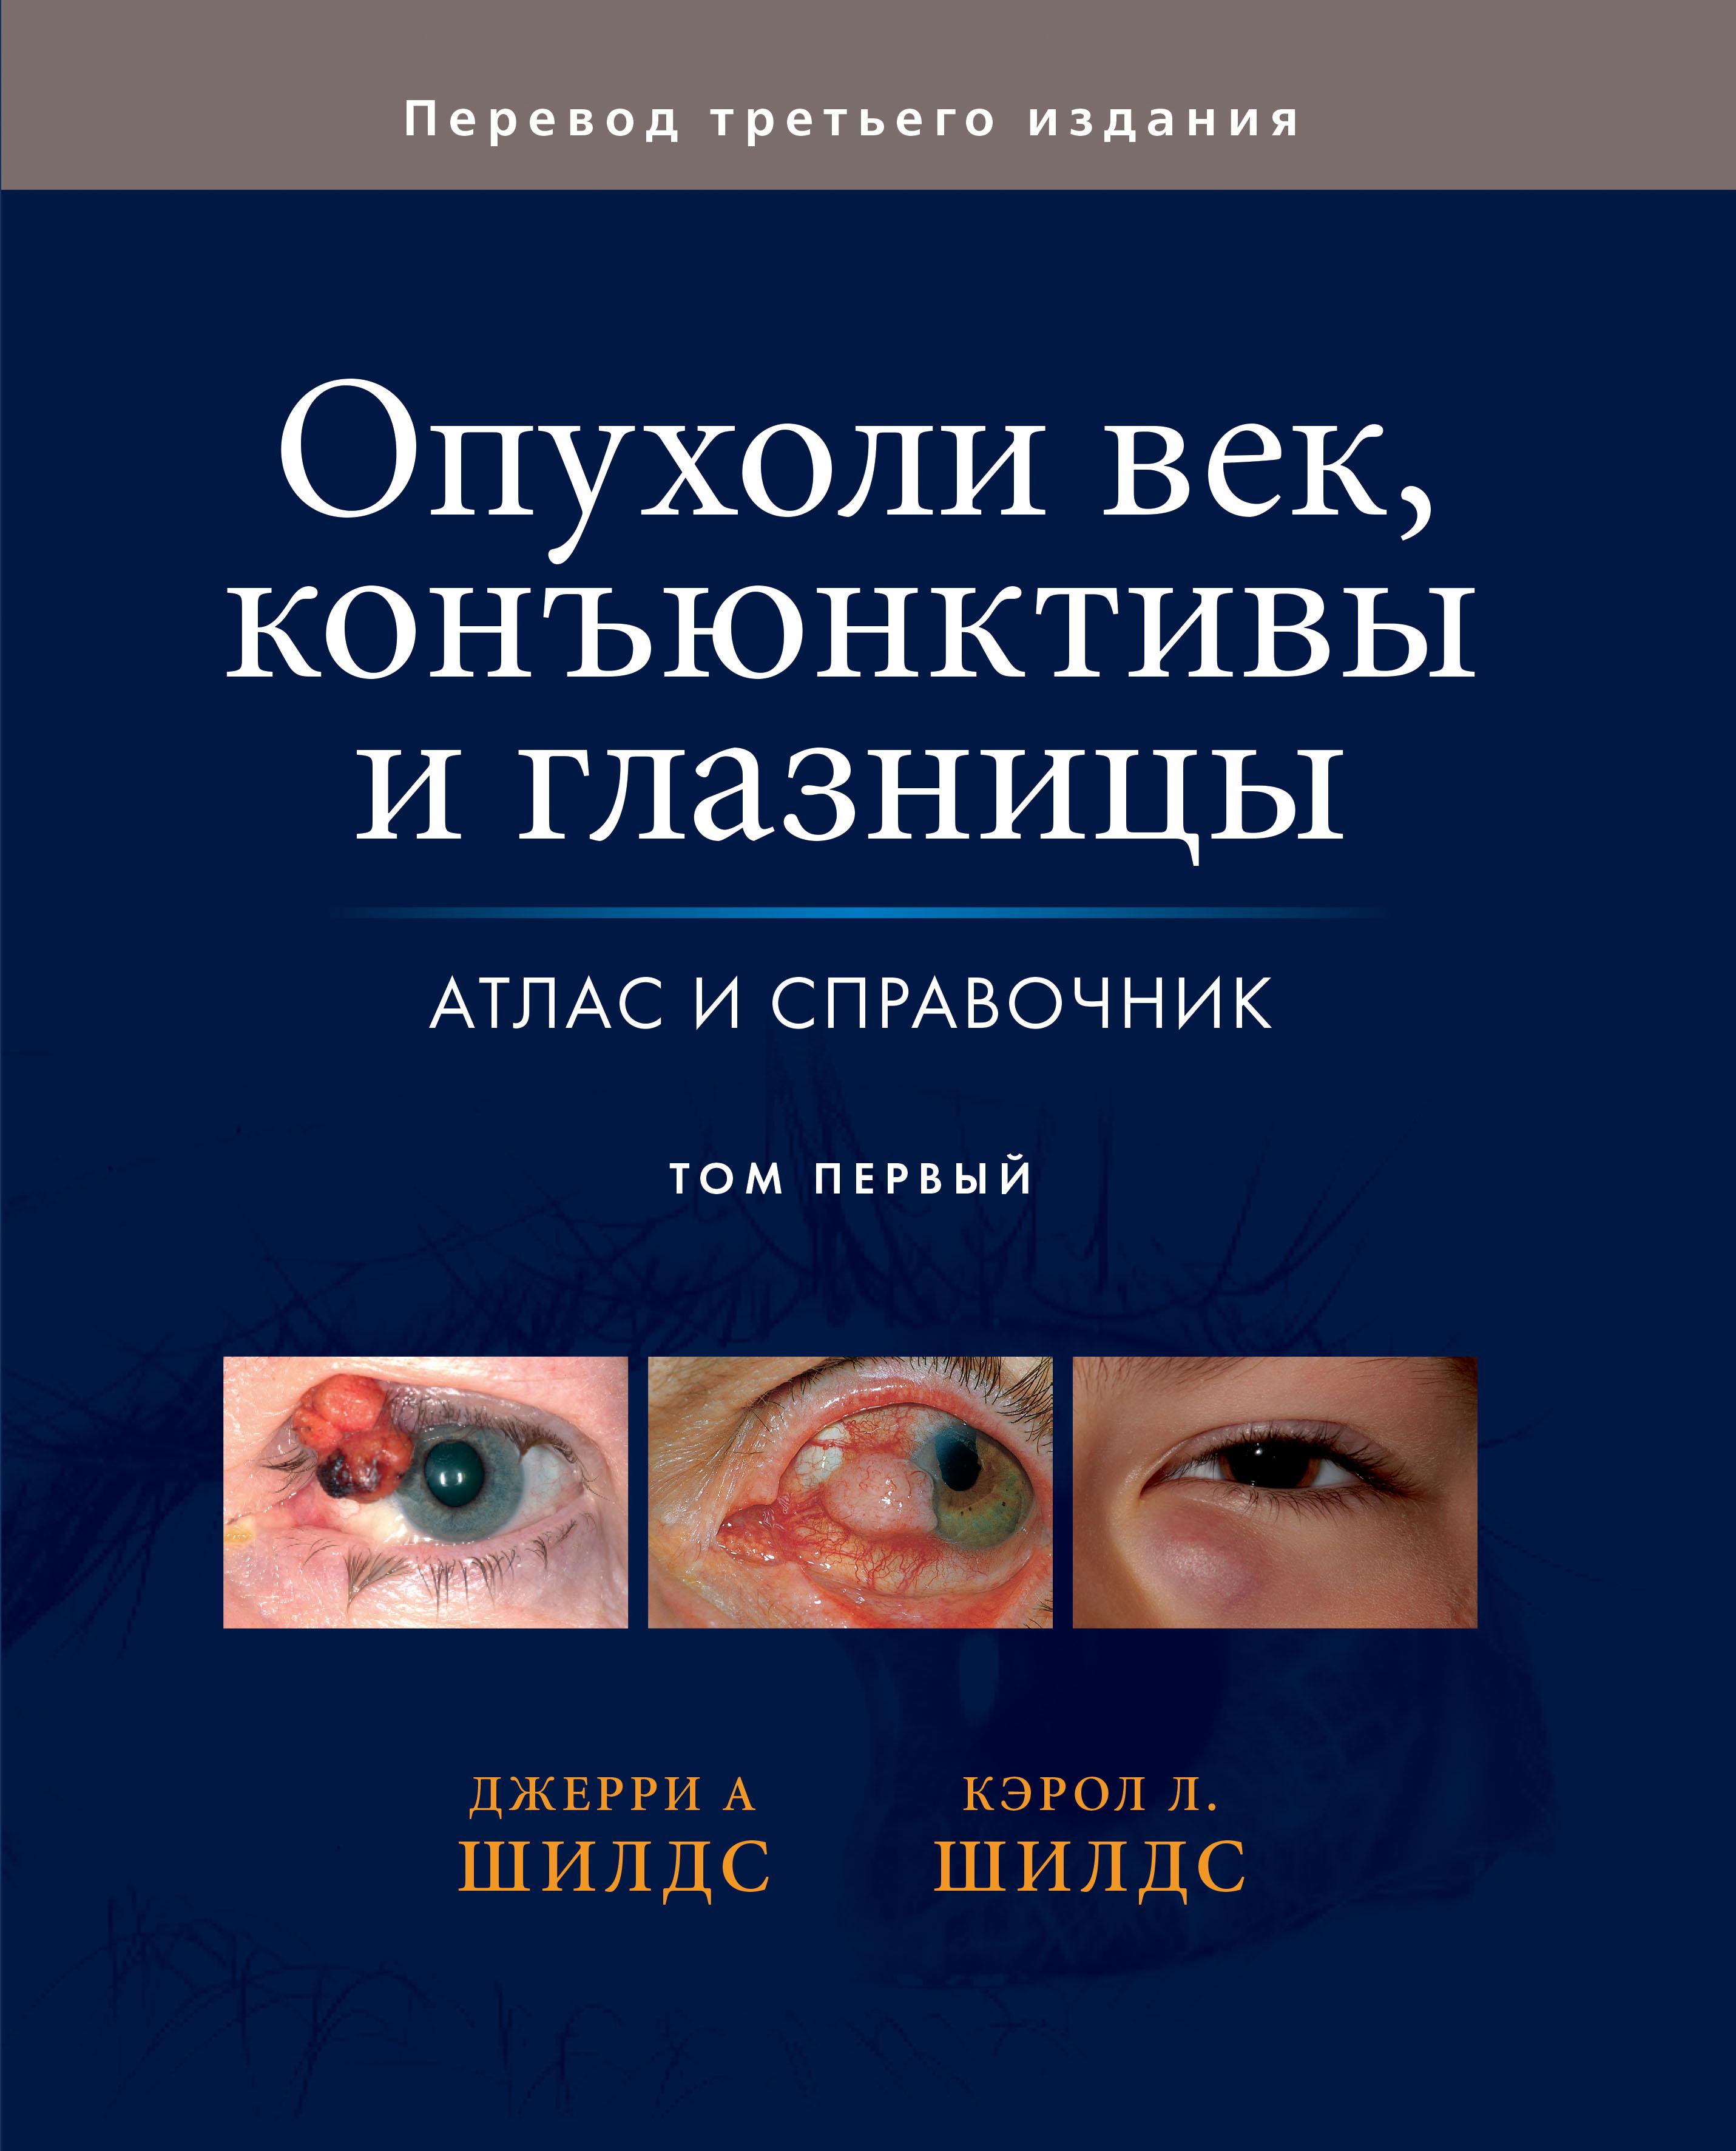 Джерри А. Шилдс, Кэрол Л. Шилдс Опухоли век, конъюнктивы и глазницы. Том 1 джерри а шилдс кэрол л шилдс опухоли век конъюнктивы и глазницы том 1